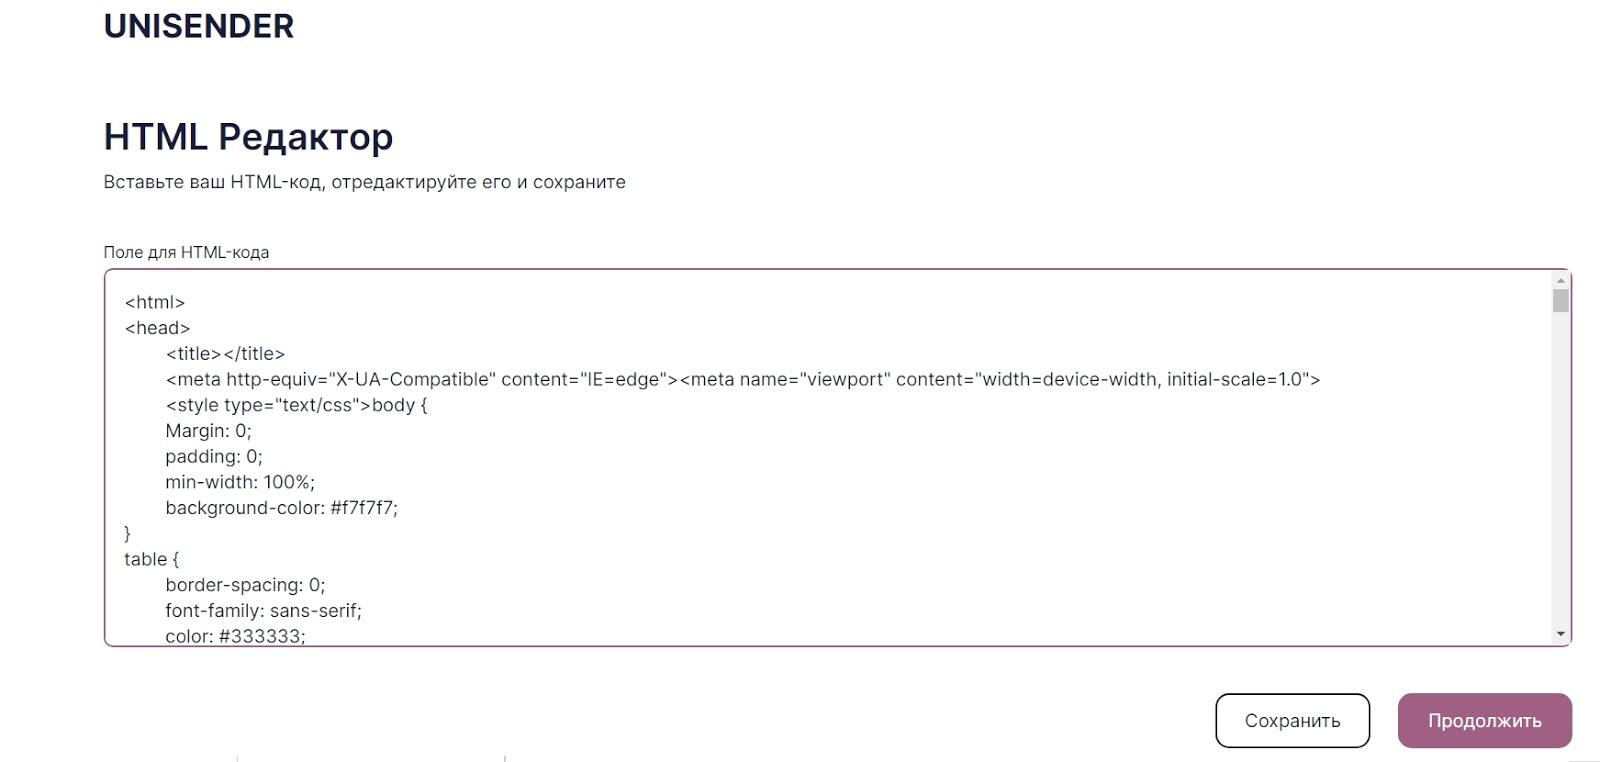 Как добавить HTML-код шаблона в UniSender